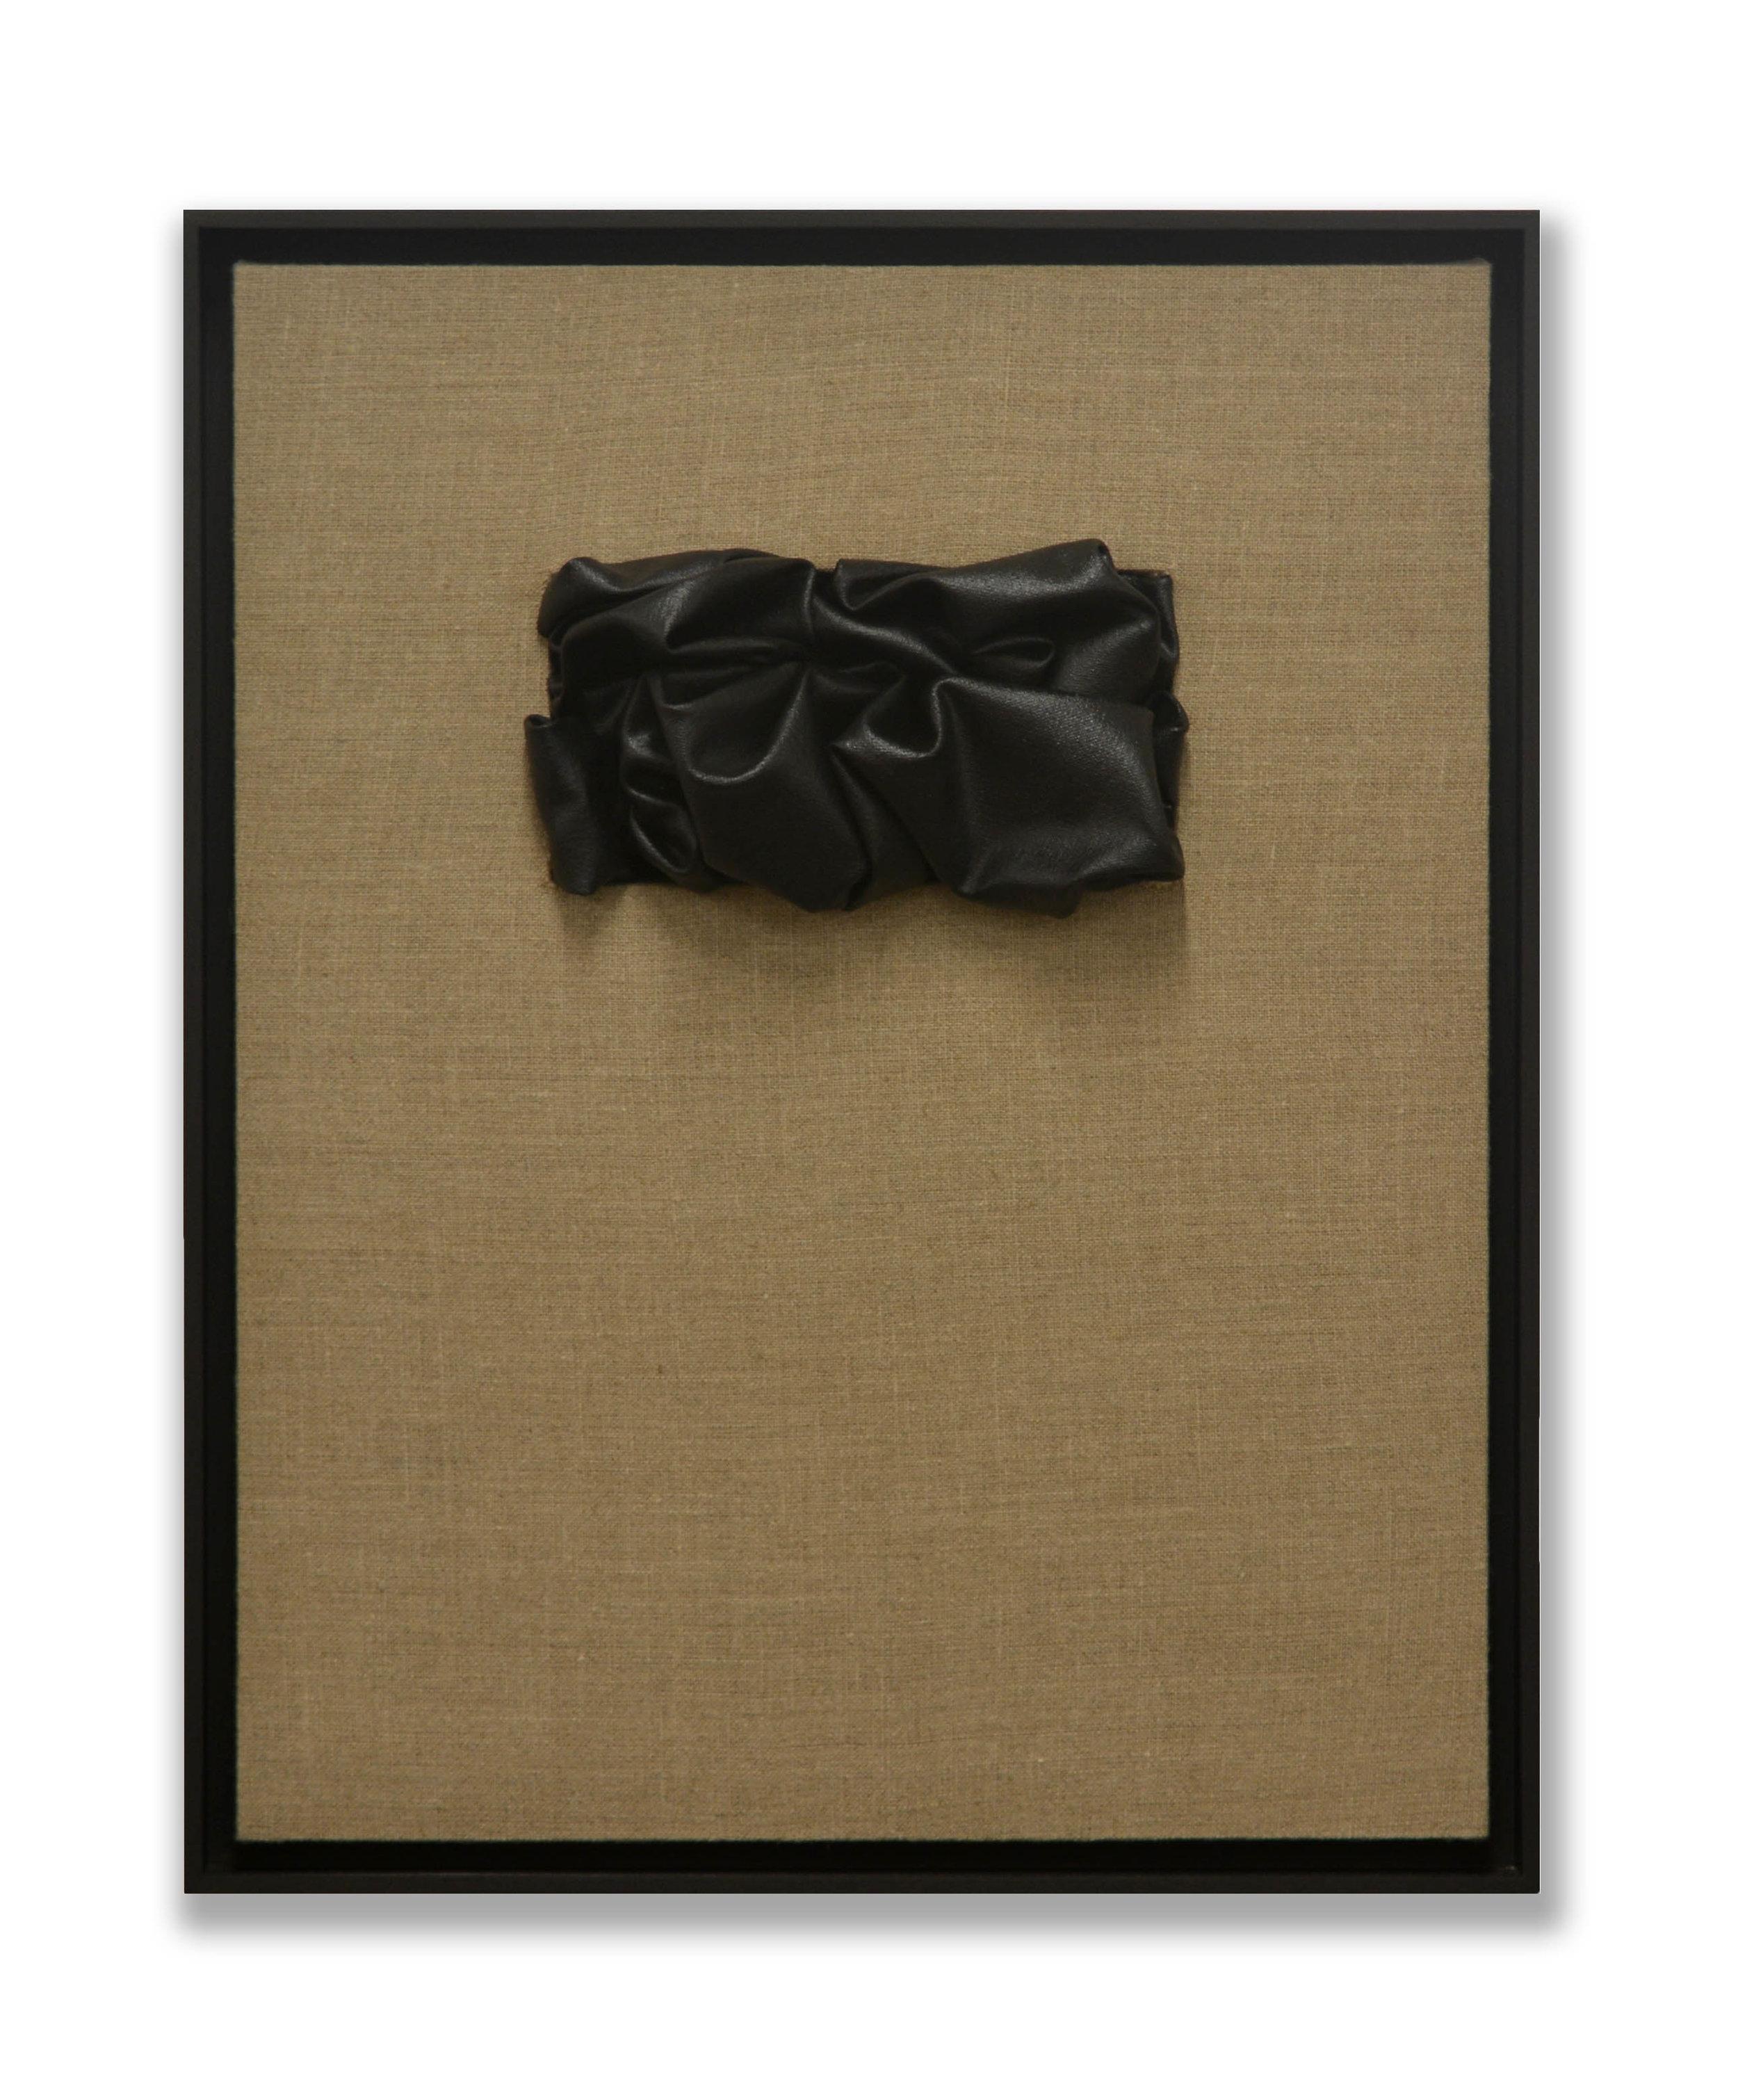 Senza Titolo  - 2018  Bomboletta spray su tela di lino grezza  53,5 x 43.5 cm (con cornice)